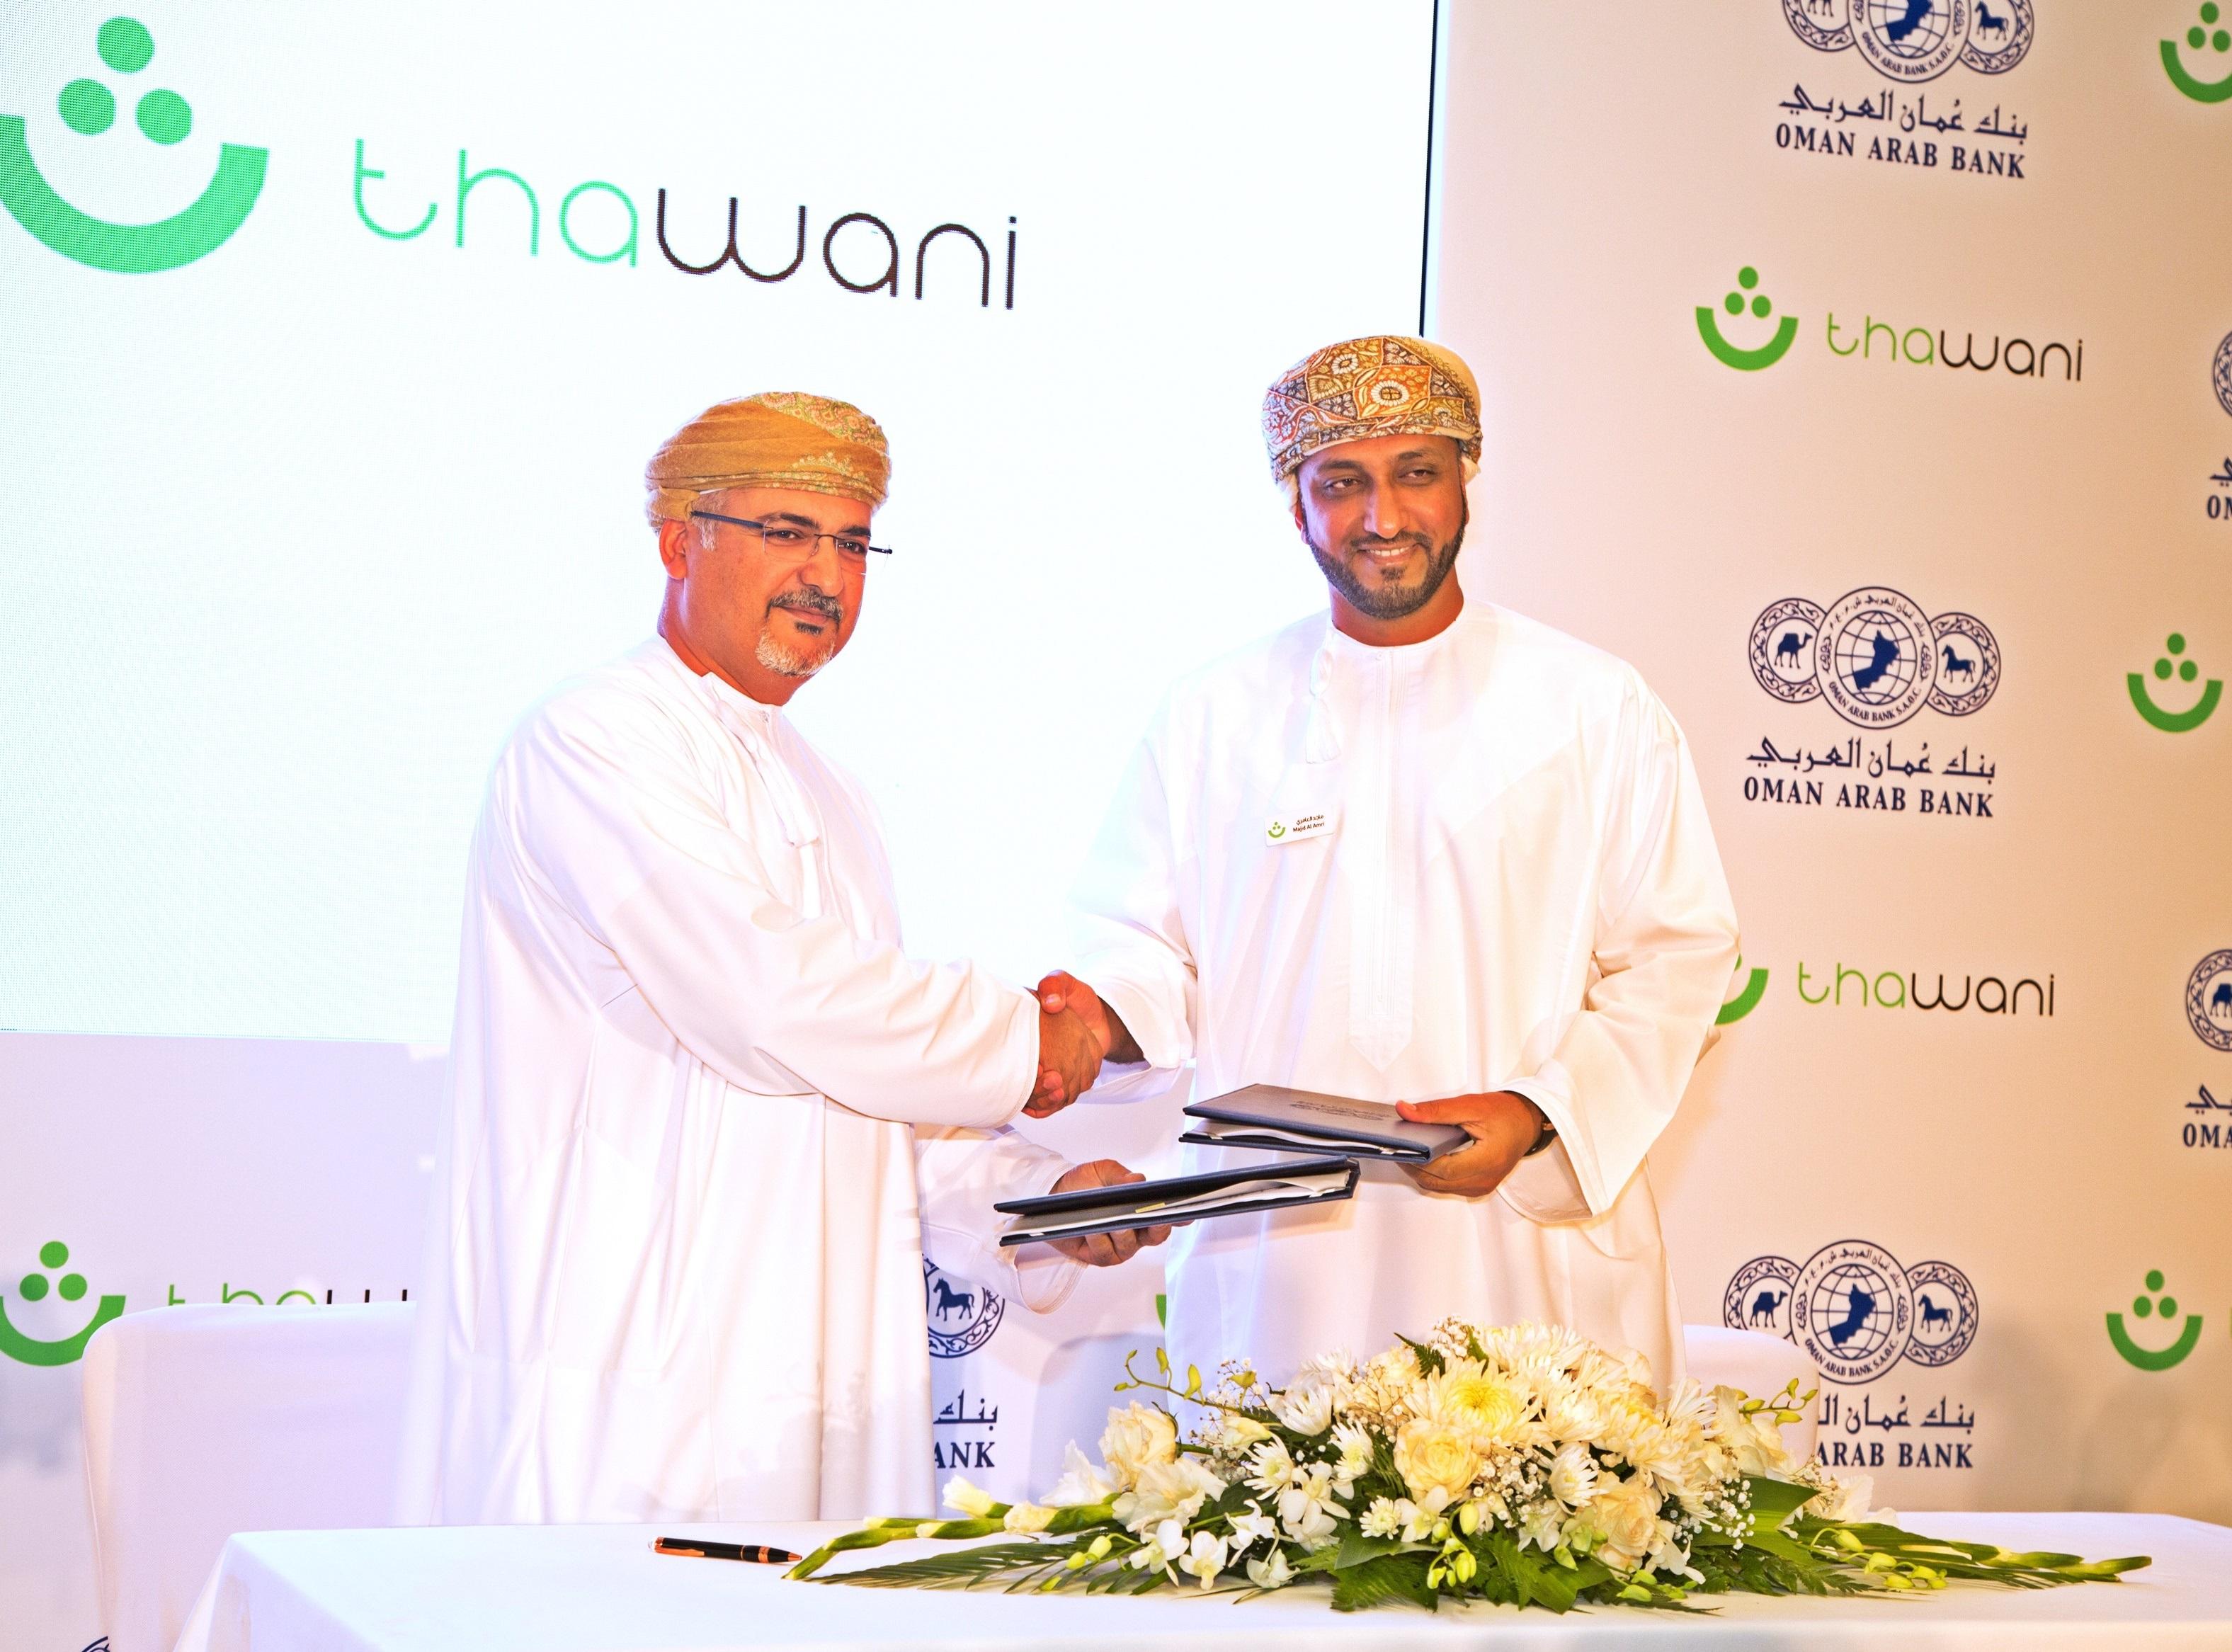 اتفاقية شراكة بين بنك عُمان العربي و شركة ثواني للتقنيات